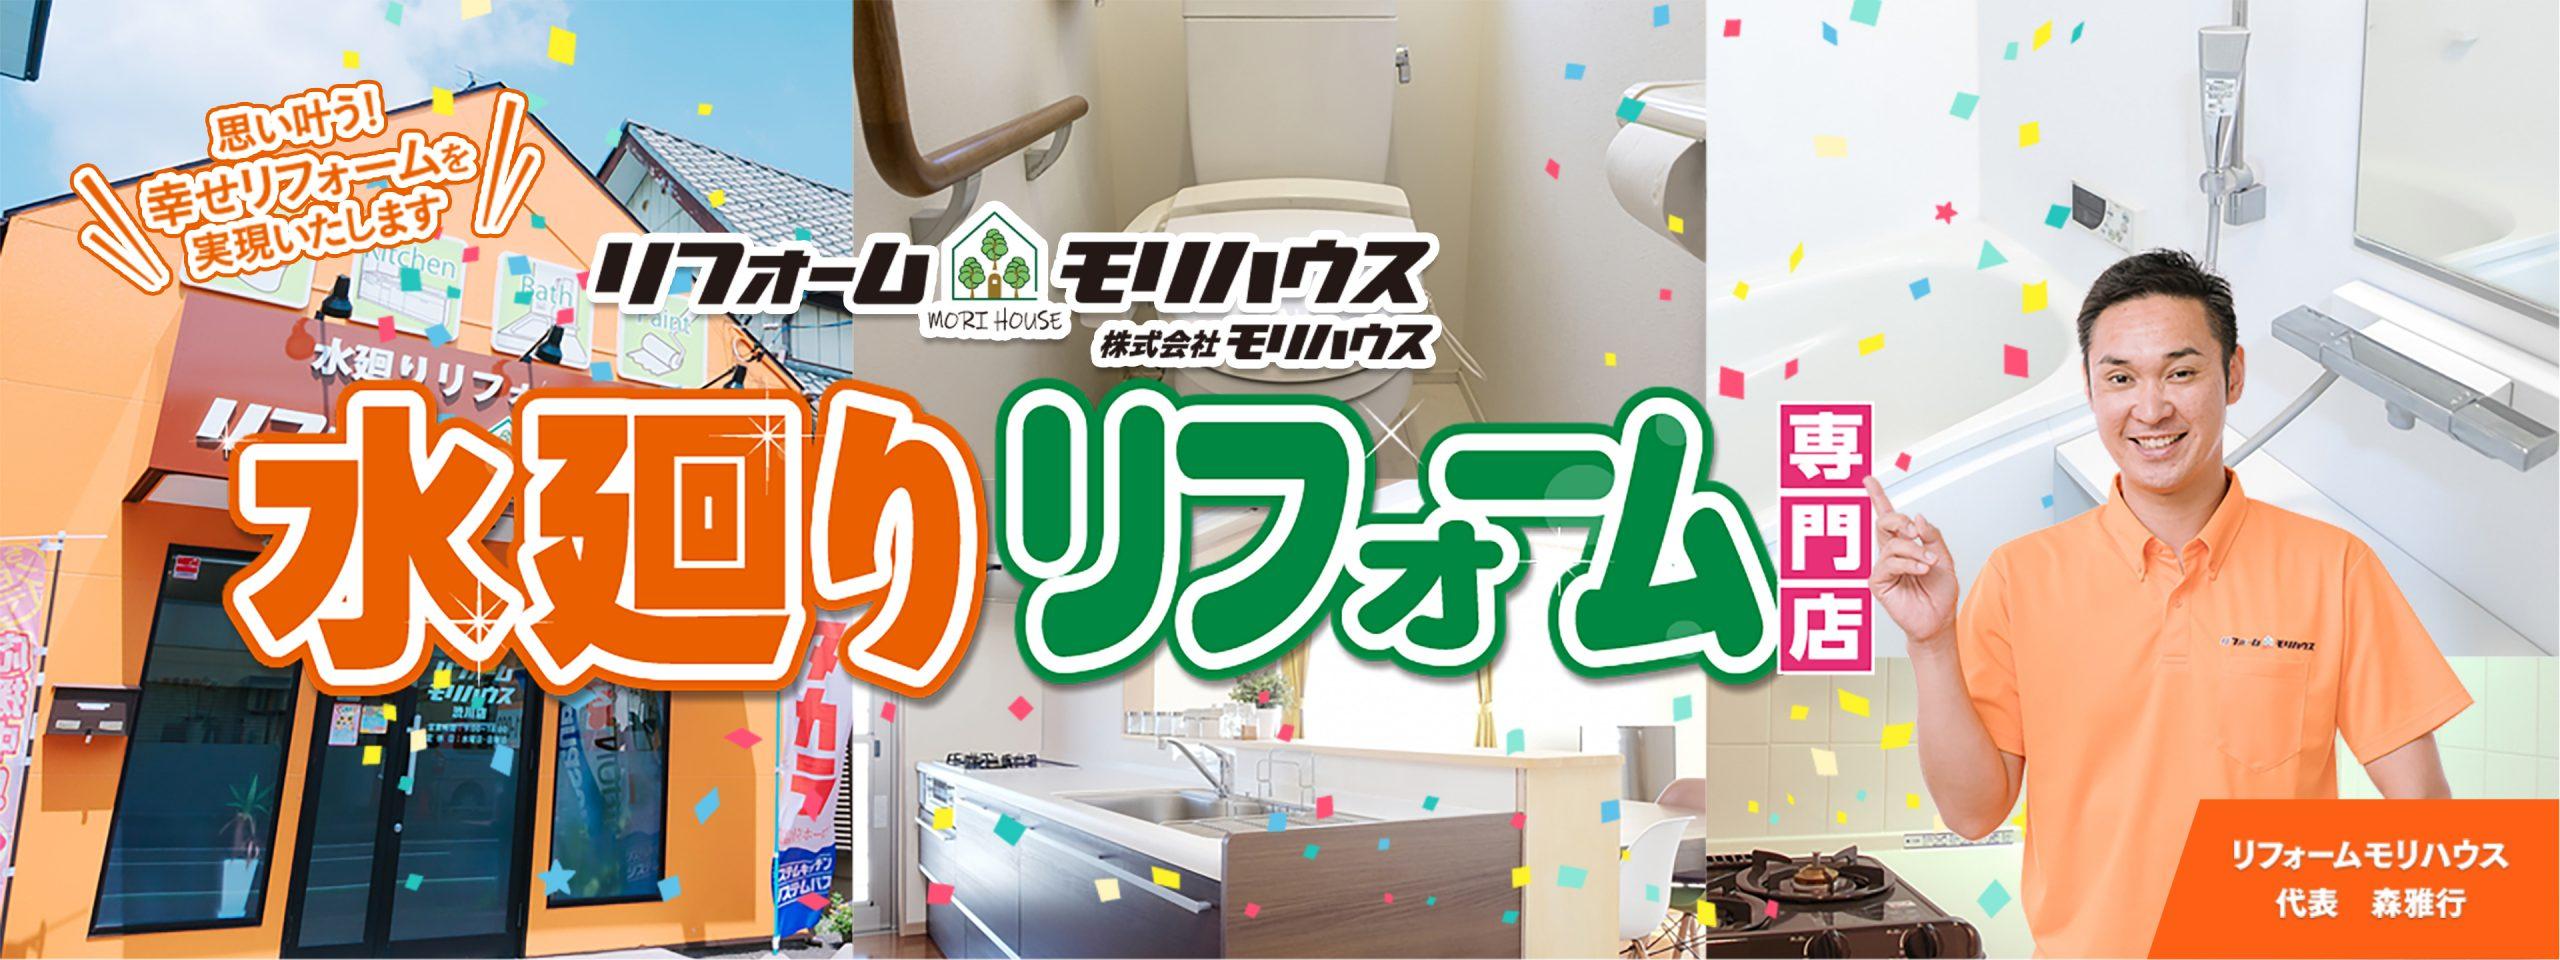 【2021 新春初売りチラシ】期間中にお見積りで福袋プレゼント!